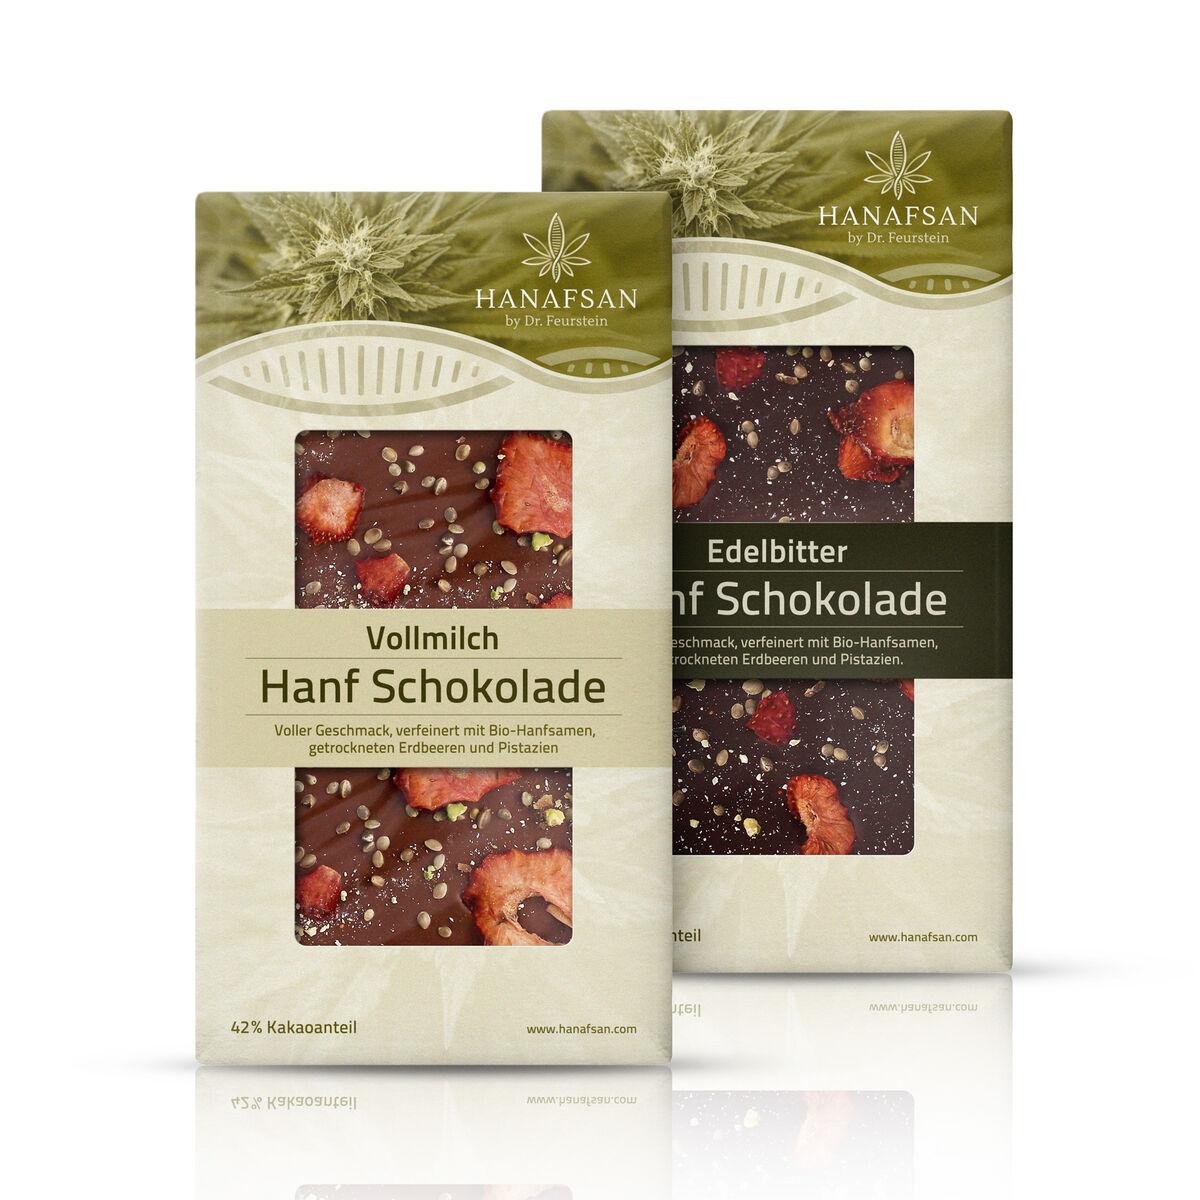 Hanafsan Hanf Schokolade Vollmilch und Edelbitter